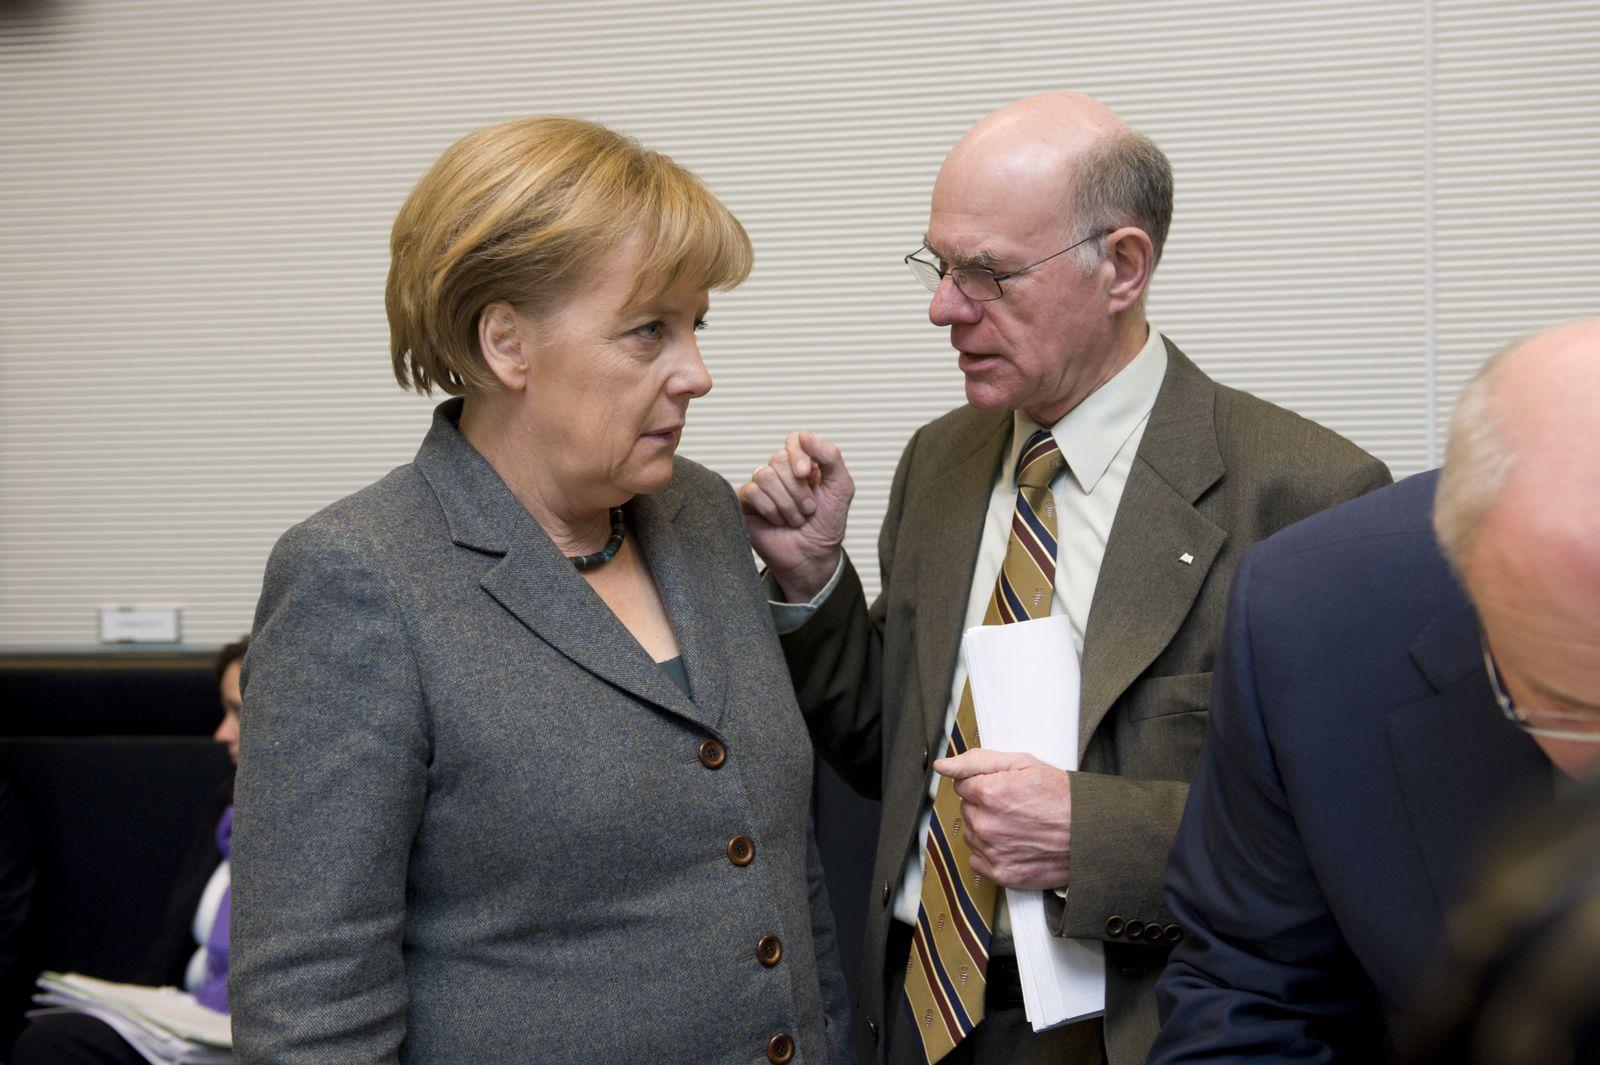 Lammert / Merkel